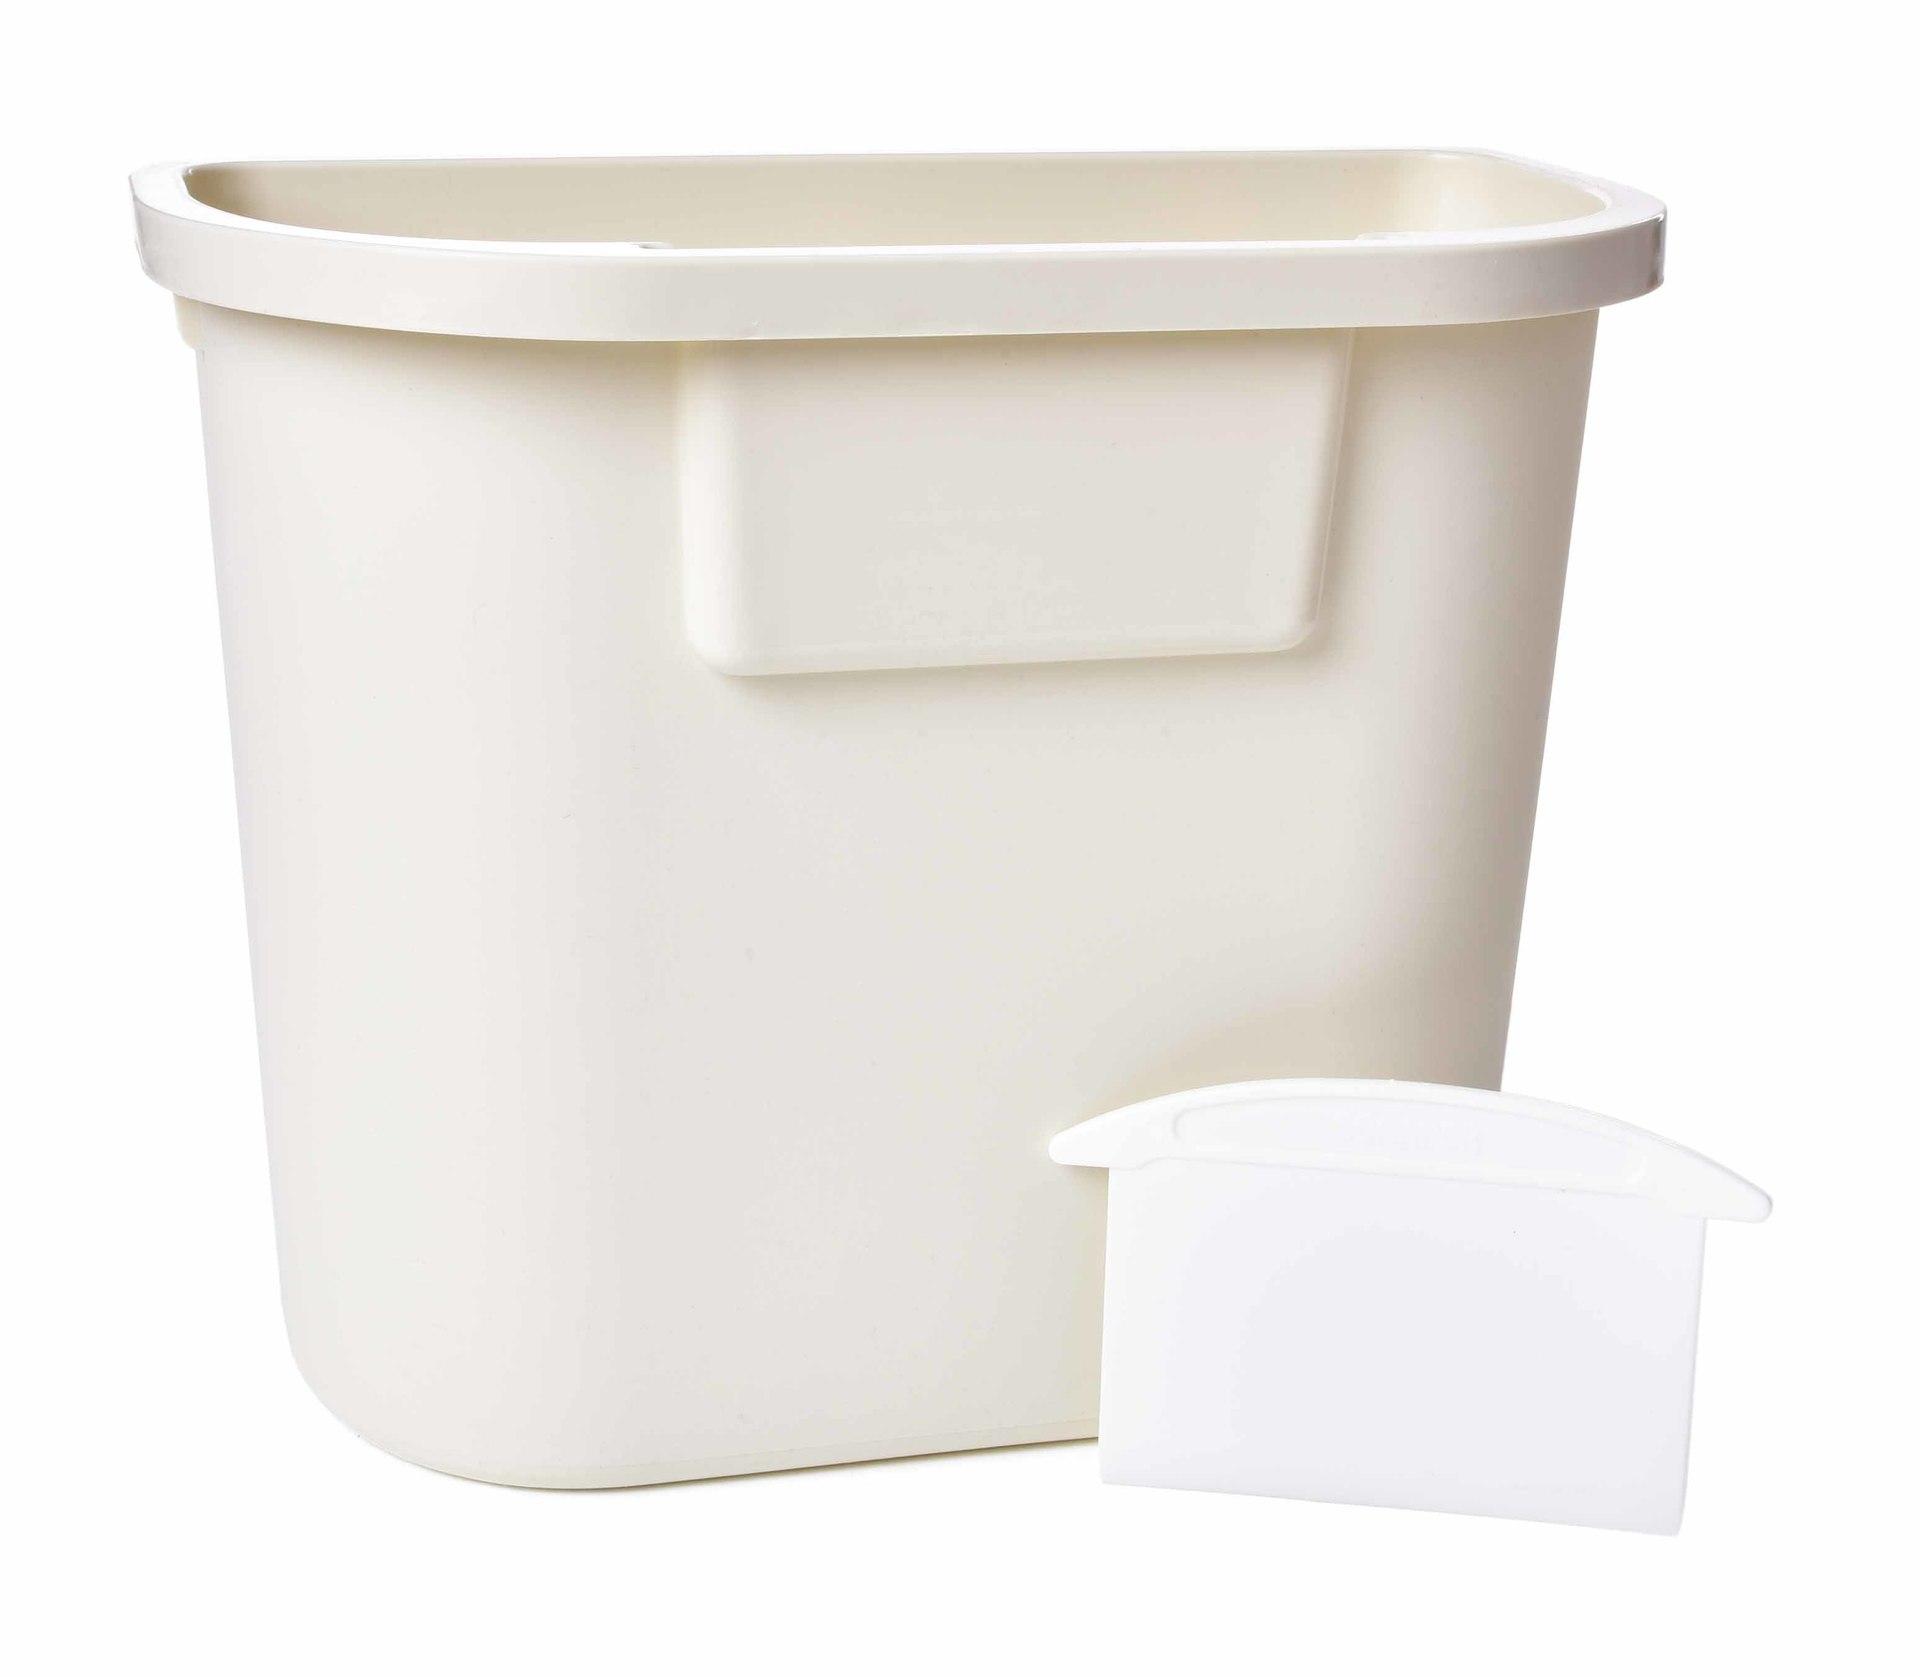 KUCHYŇSKÝ ZBYTKOVNÍK XL, závěsný odpadkový koš na dvířka